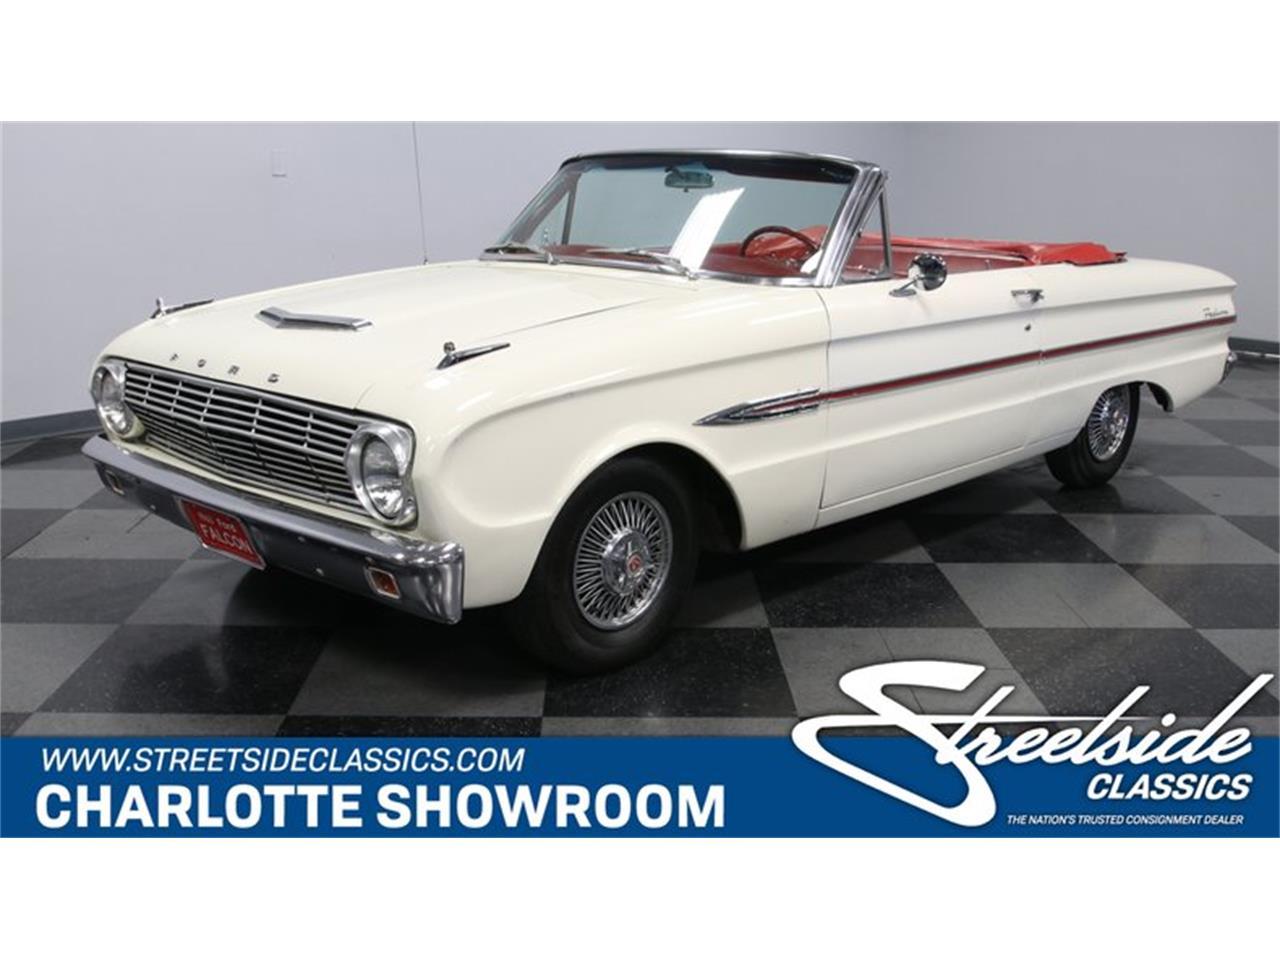 For Sale: 1963 Ford Falcon in Concord, North Carolina